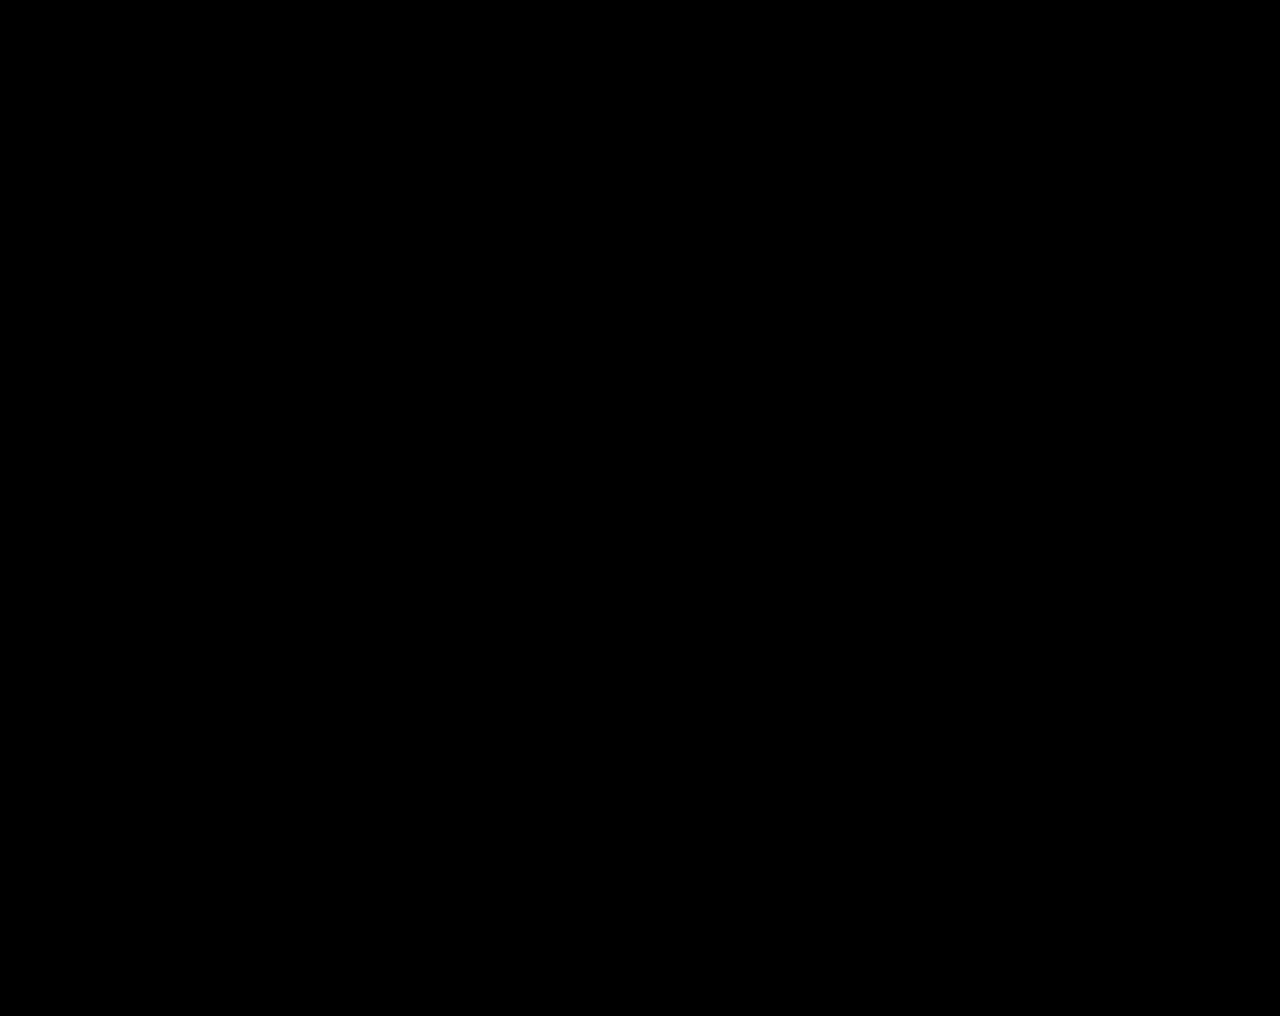 Australia kangaroo silhouette animal. Dolphin clipart poseidon